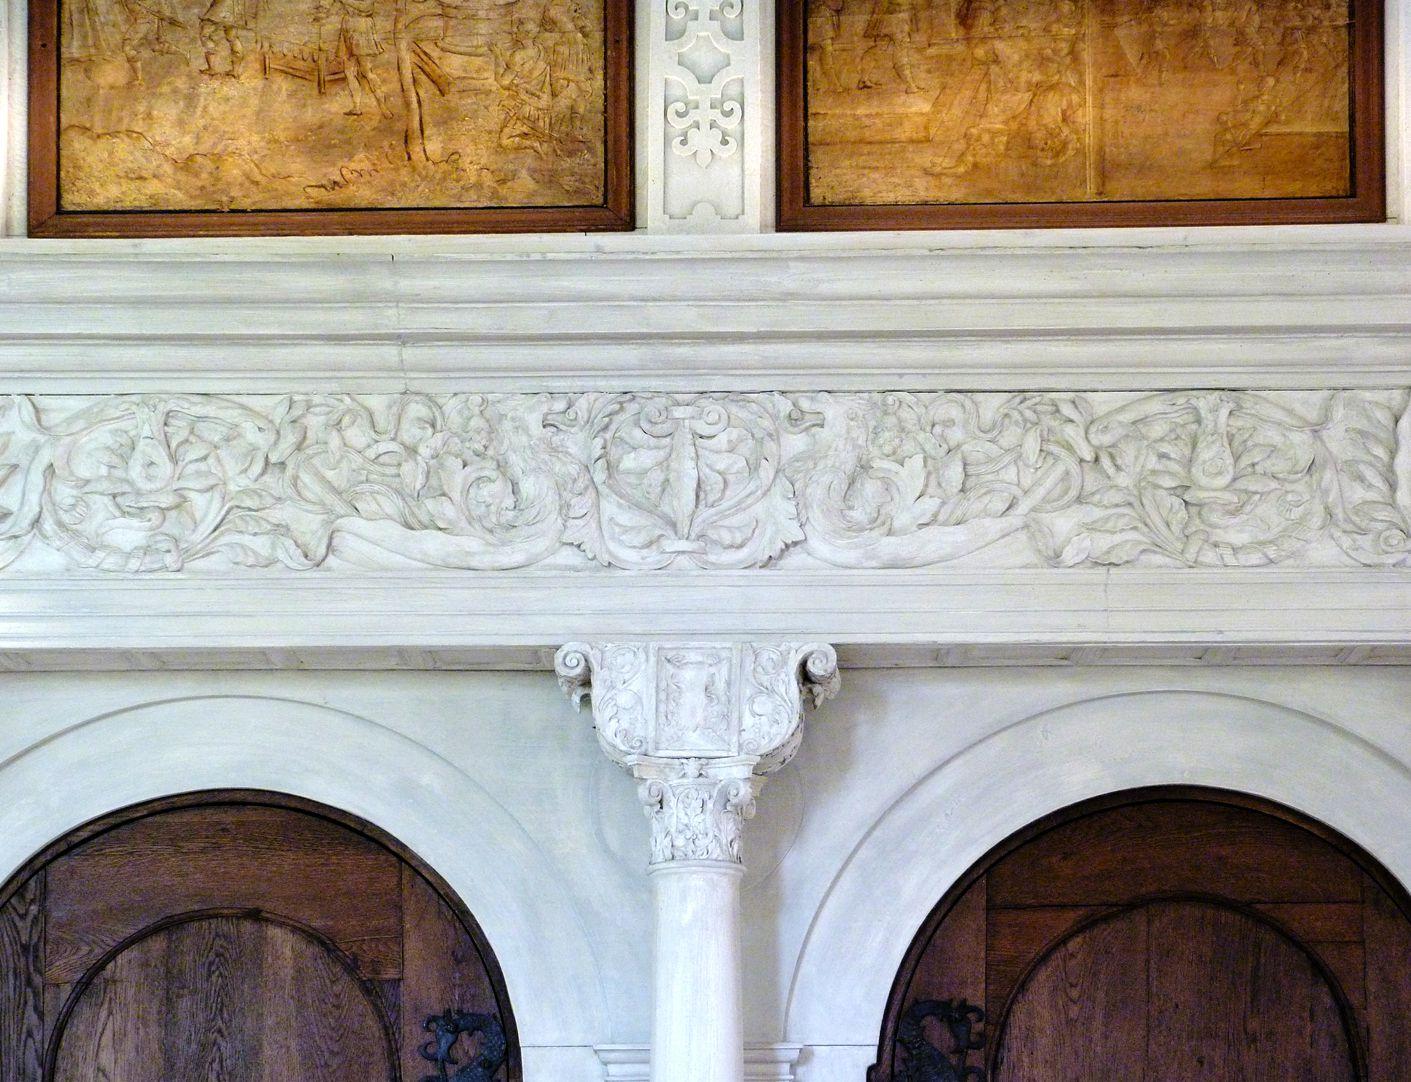 Hirsvogelsaal Zwillingsportal an der Nordwand, Kapitell mit Sattelholz und Gebälk mit Groteskenfries